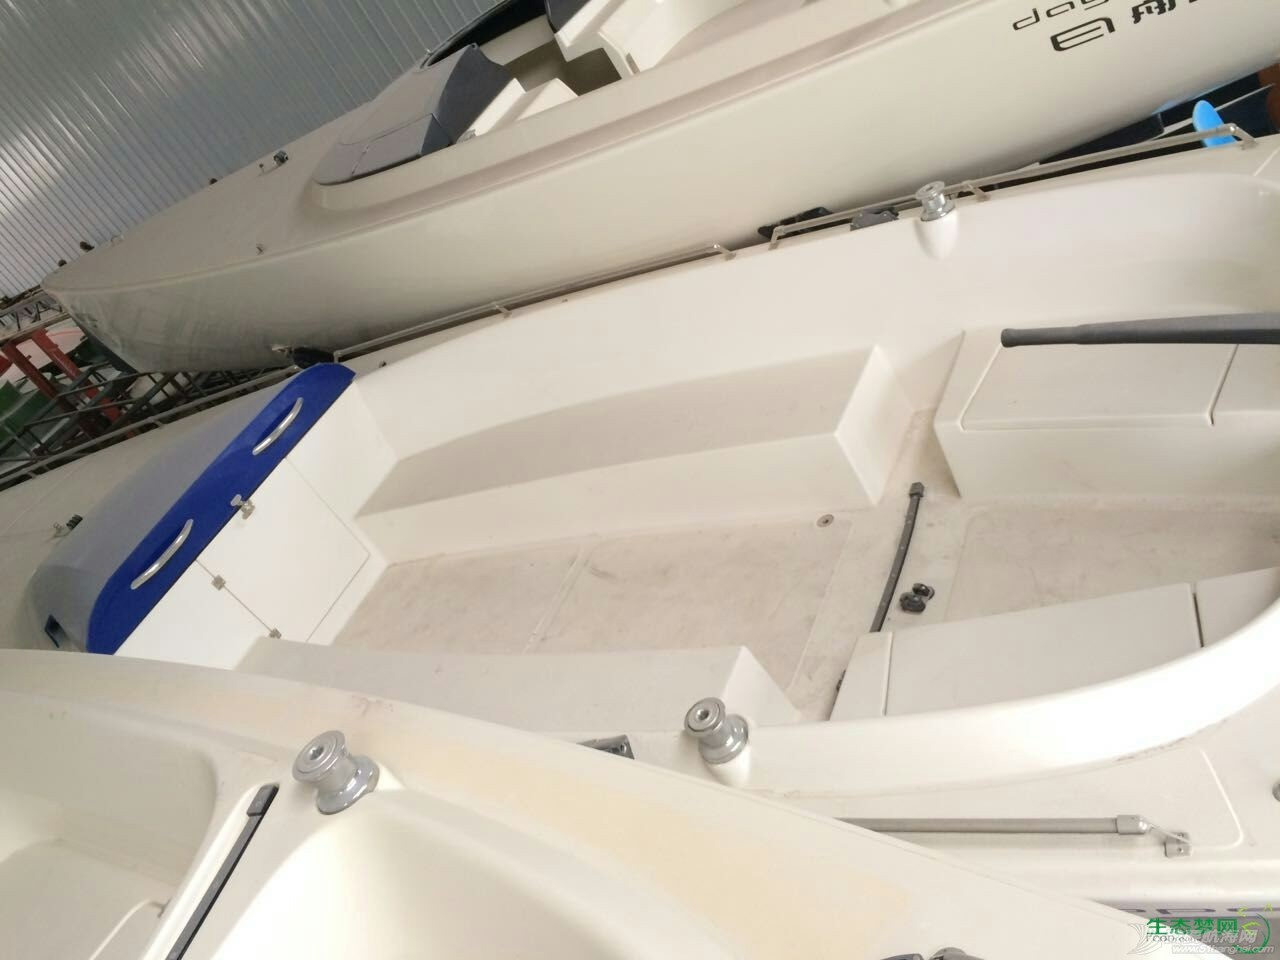 帆船 五条日航者帆船(daytripper)出售 3.jpg